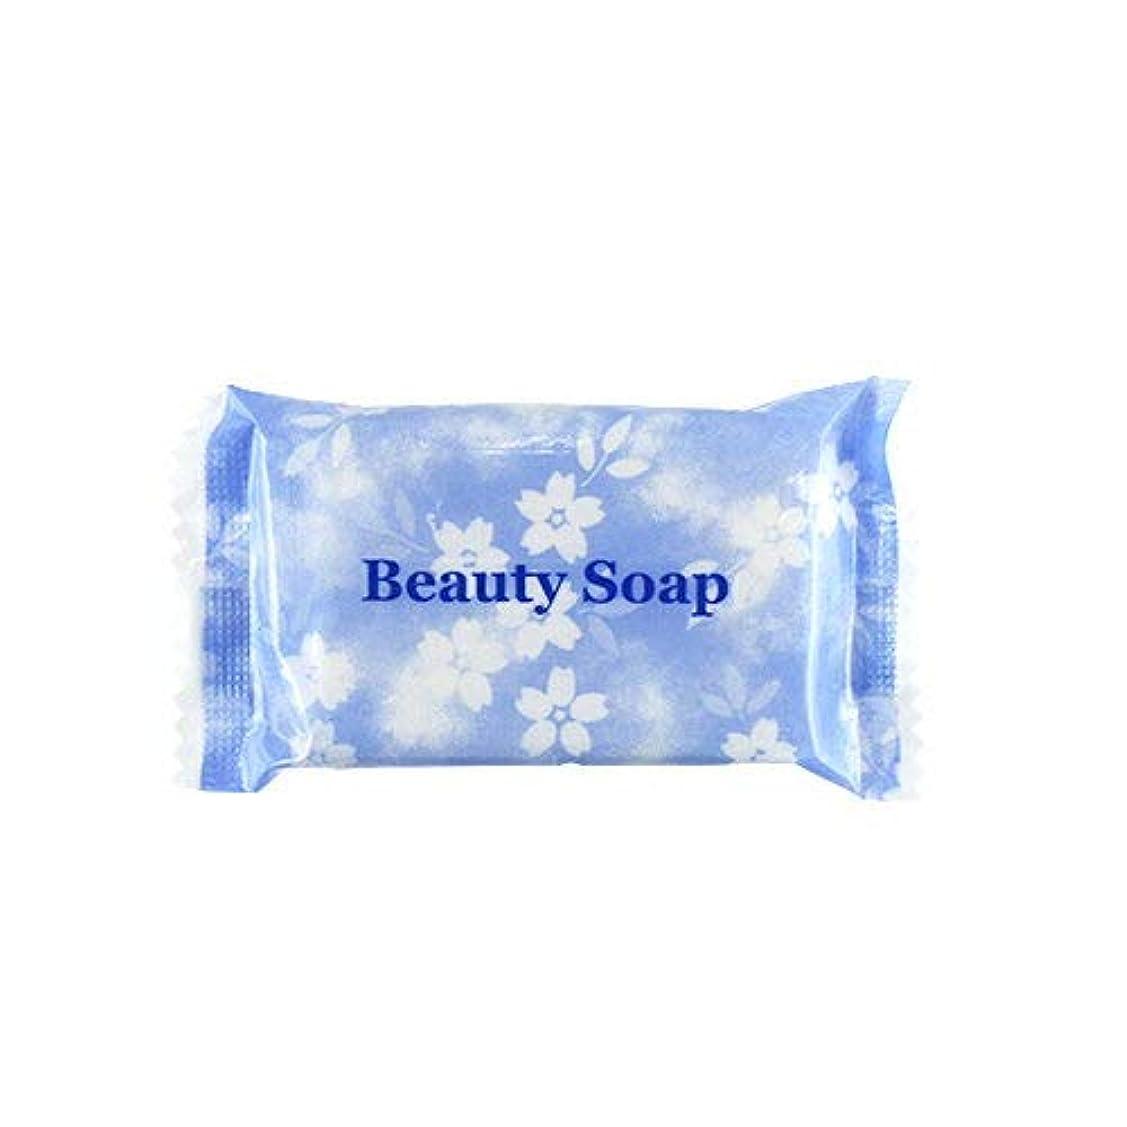 定刻マウンド胚芽業務用 クロバーコーポレーション ビューティーソープ(Beauty Soap) 15g×80個セット | ホテルアメニティ 個包装